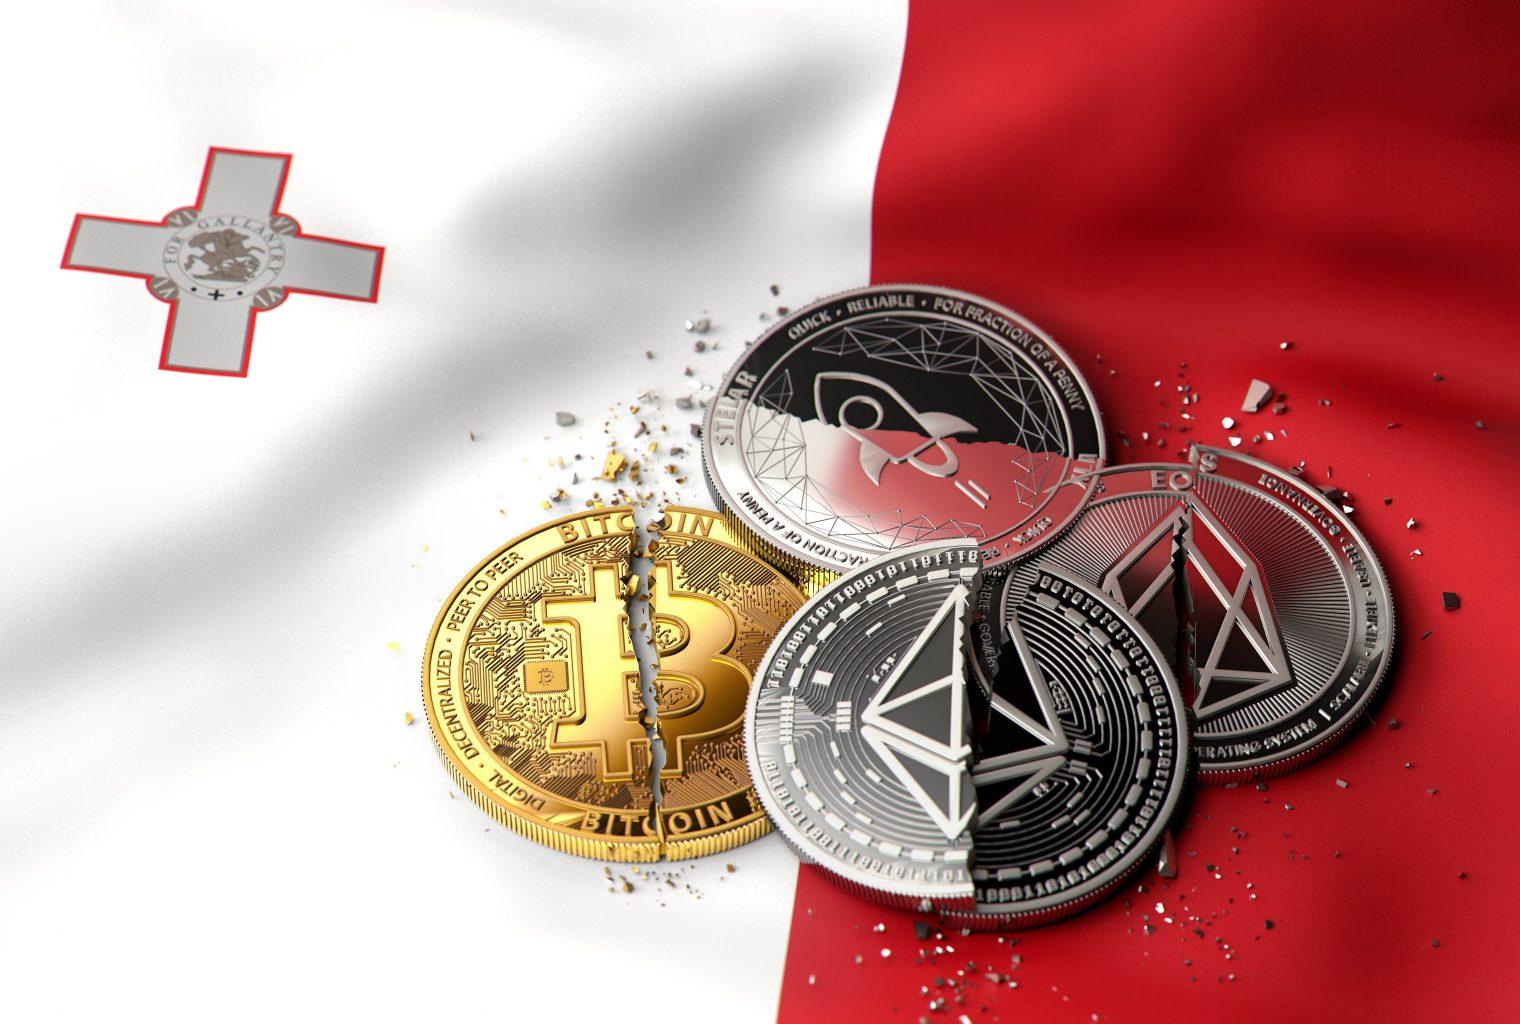 Malta tradisce le aspettative delle aziende blockchain difficile aprire conti correnti Crypto - Malta tradisce le aspettative delle aziende blockchain: difficile aprire conti correnti Crypto